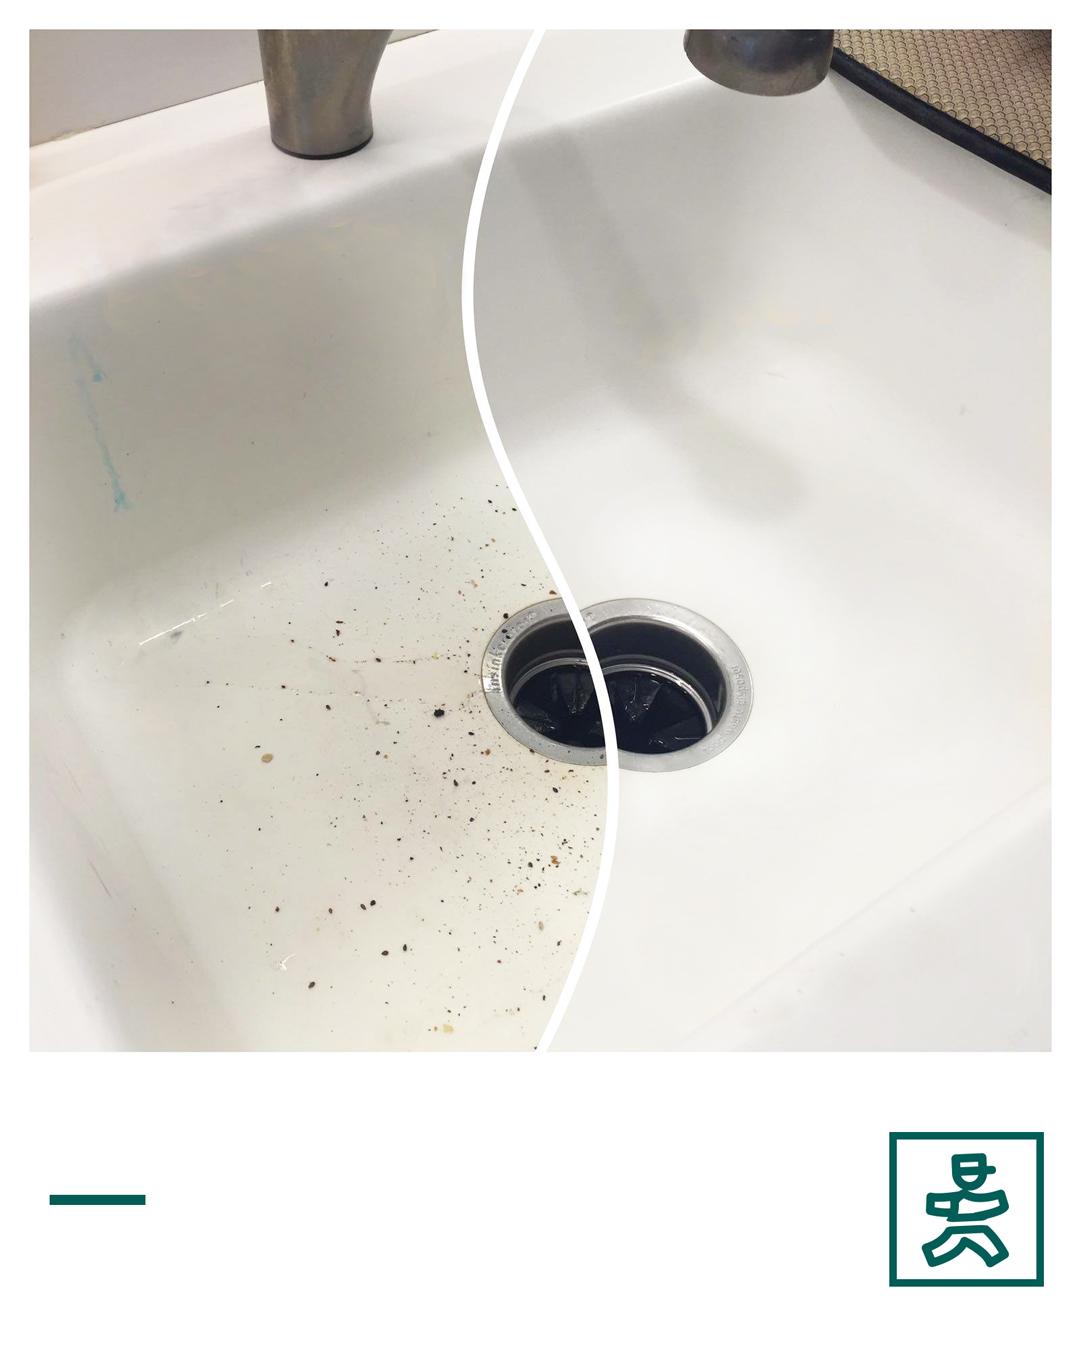 bathroomsink_til.jpg